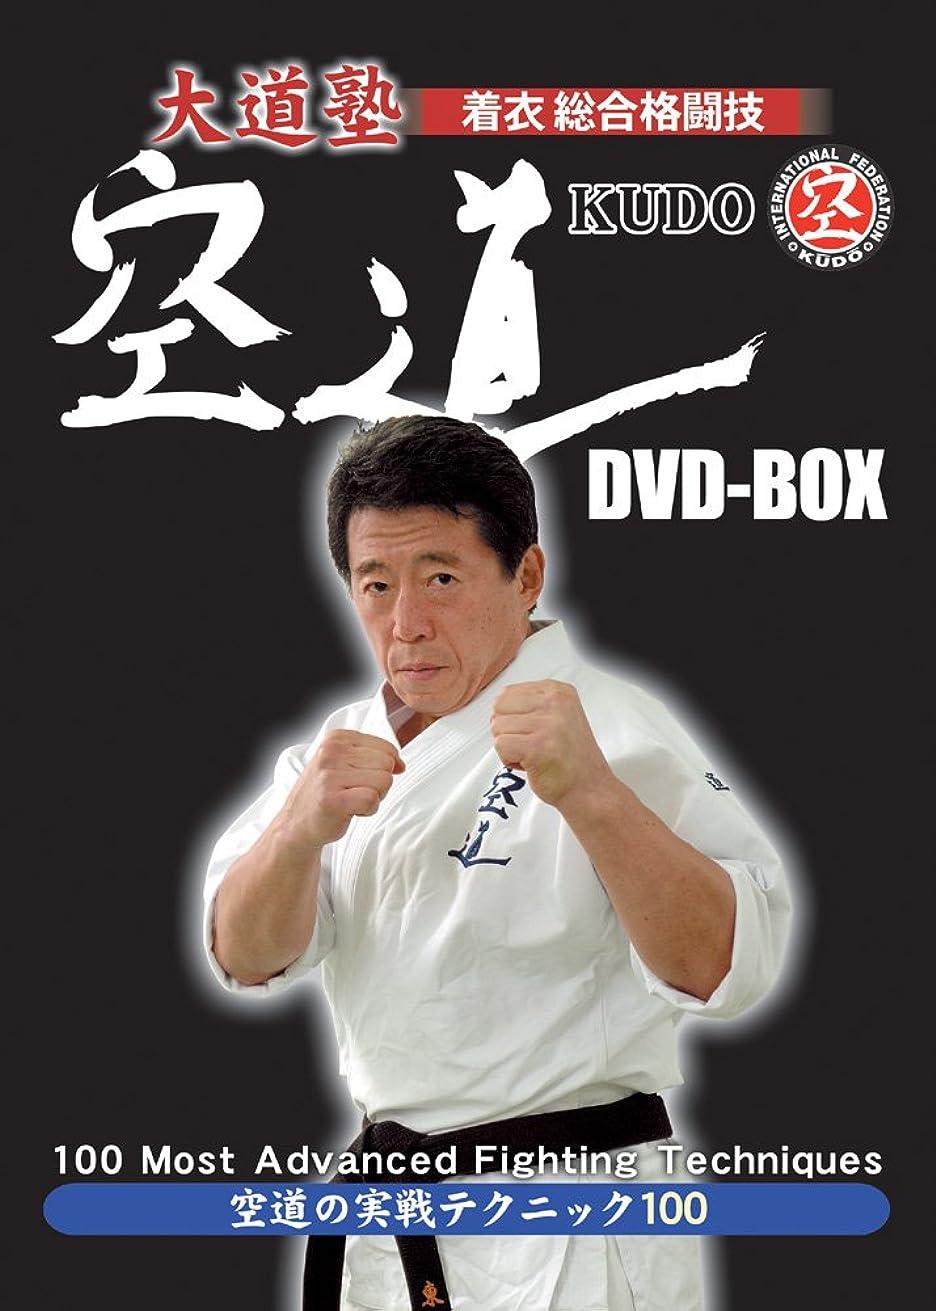 囚人あご欺大道塾 着衣総合格闘技 空道 DVD-BOX